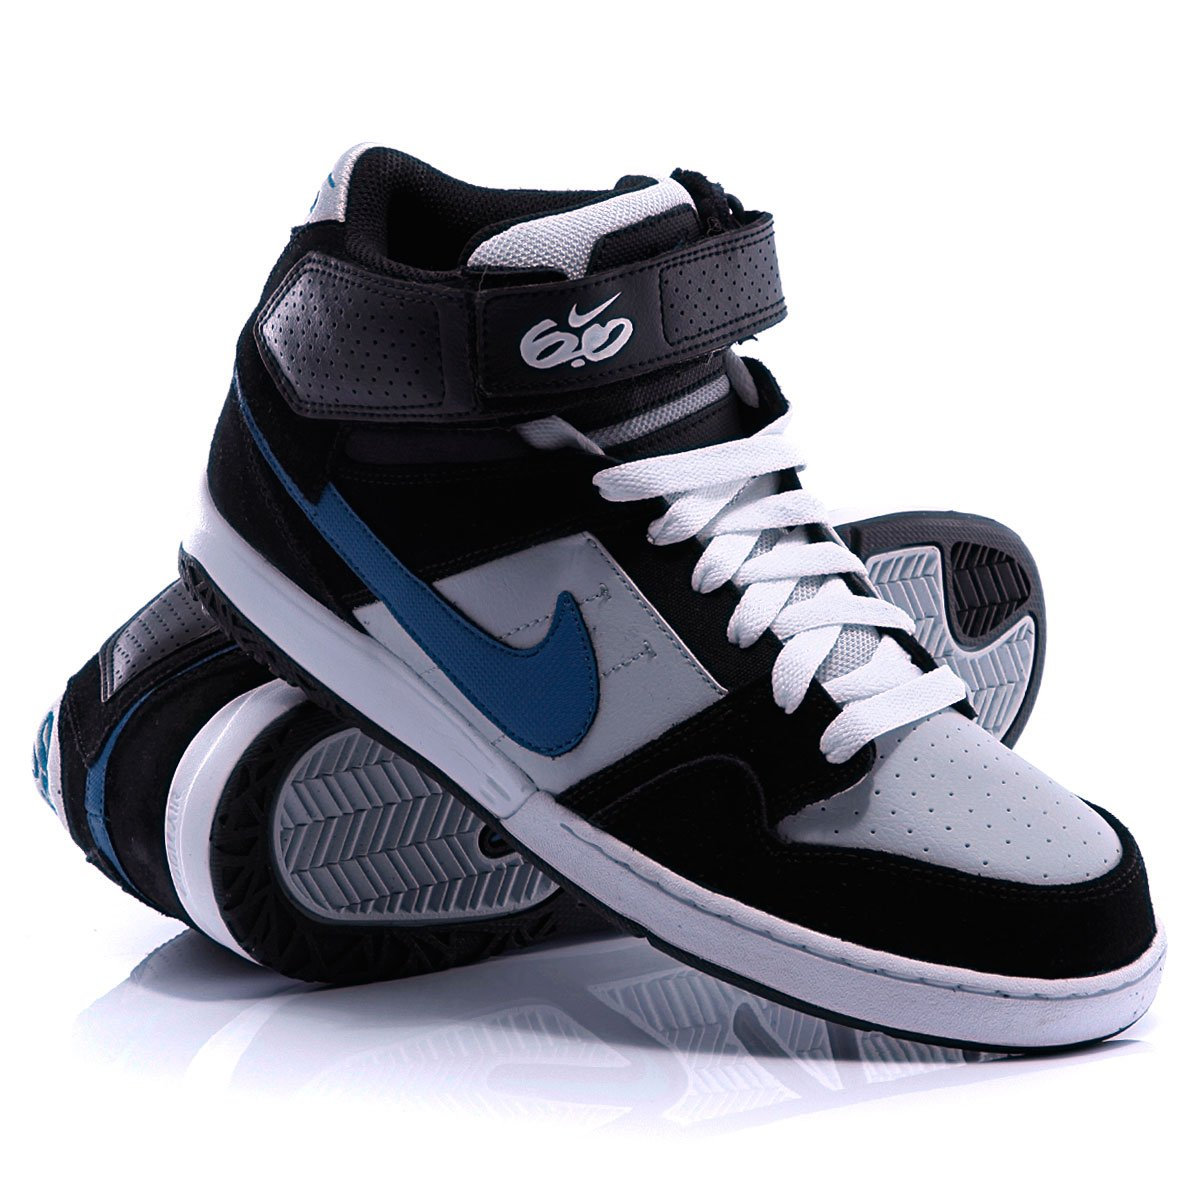 cfe841e1 Купить кеды высокие Nike Zoom Mogan Mid 2 Black/Green Abyss (407360 ...